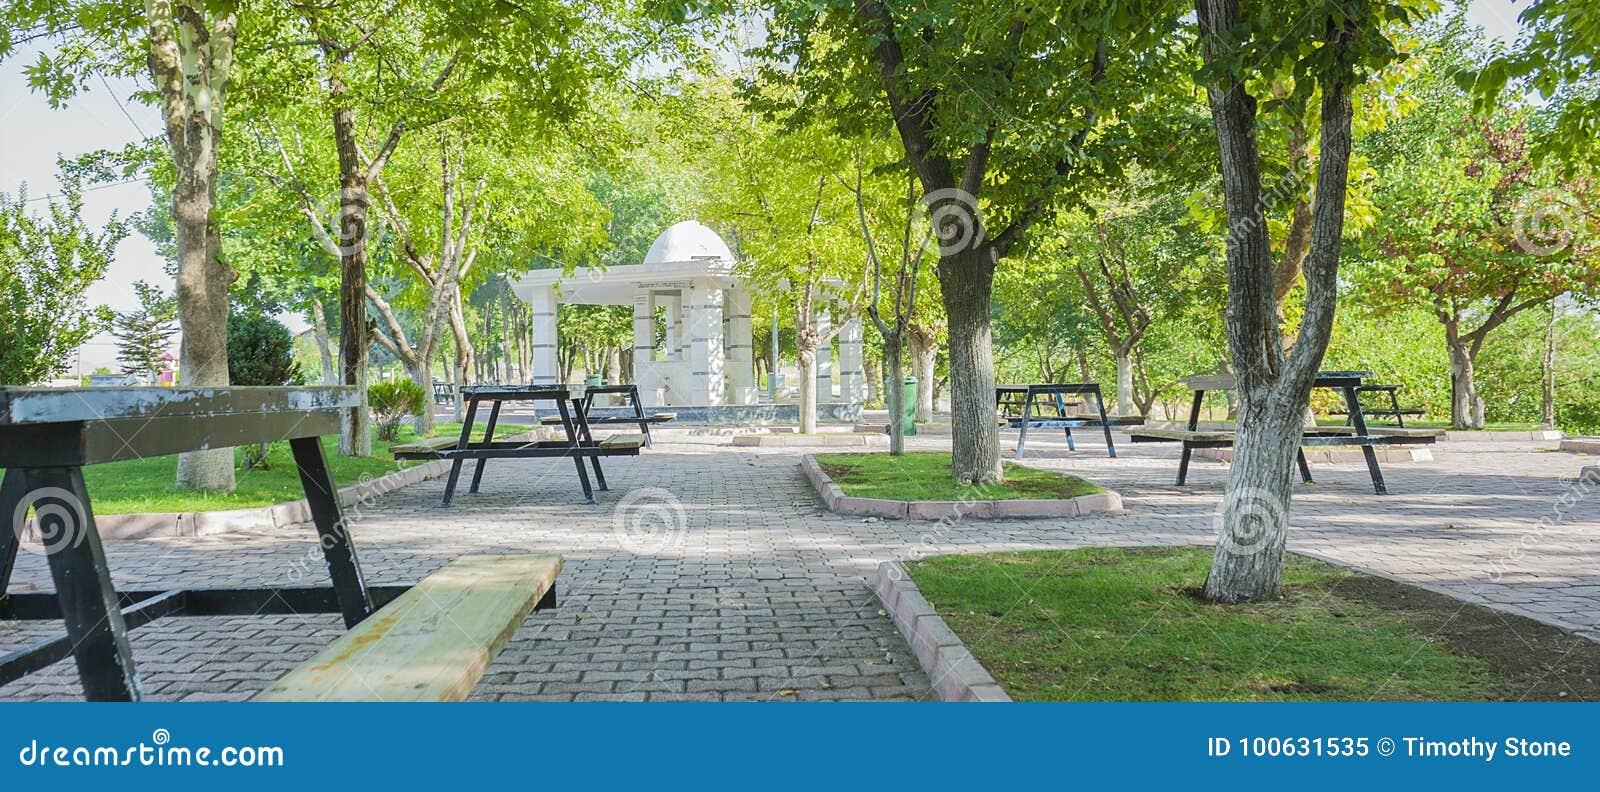 Schöner allgemeiner Wudu-Brunnen in einem türkischen allgemeinen Park